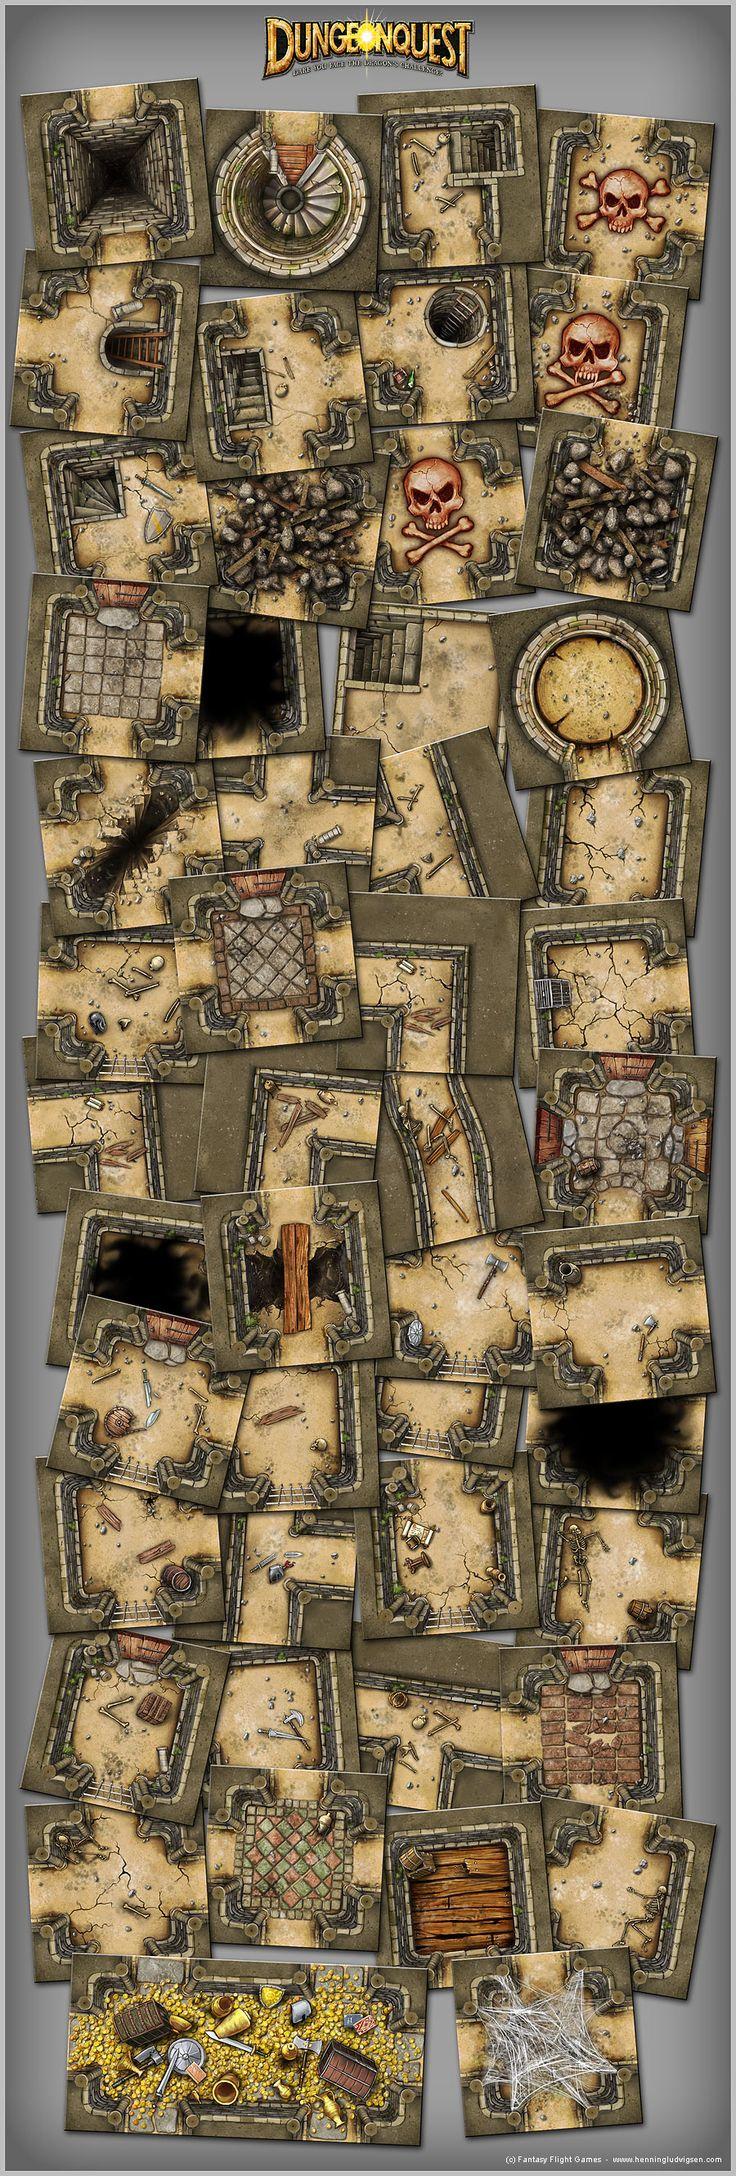 Dungeonquest board by henning.deviantart.com on @deviantART